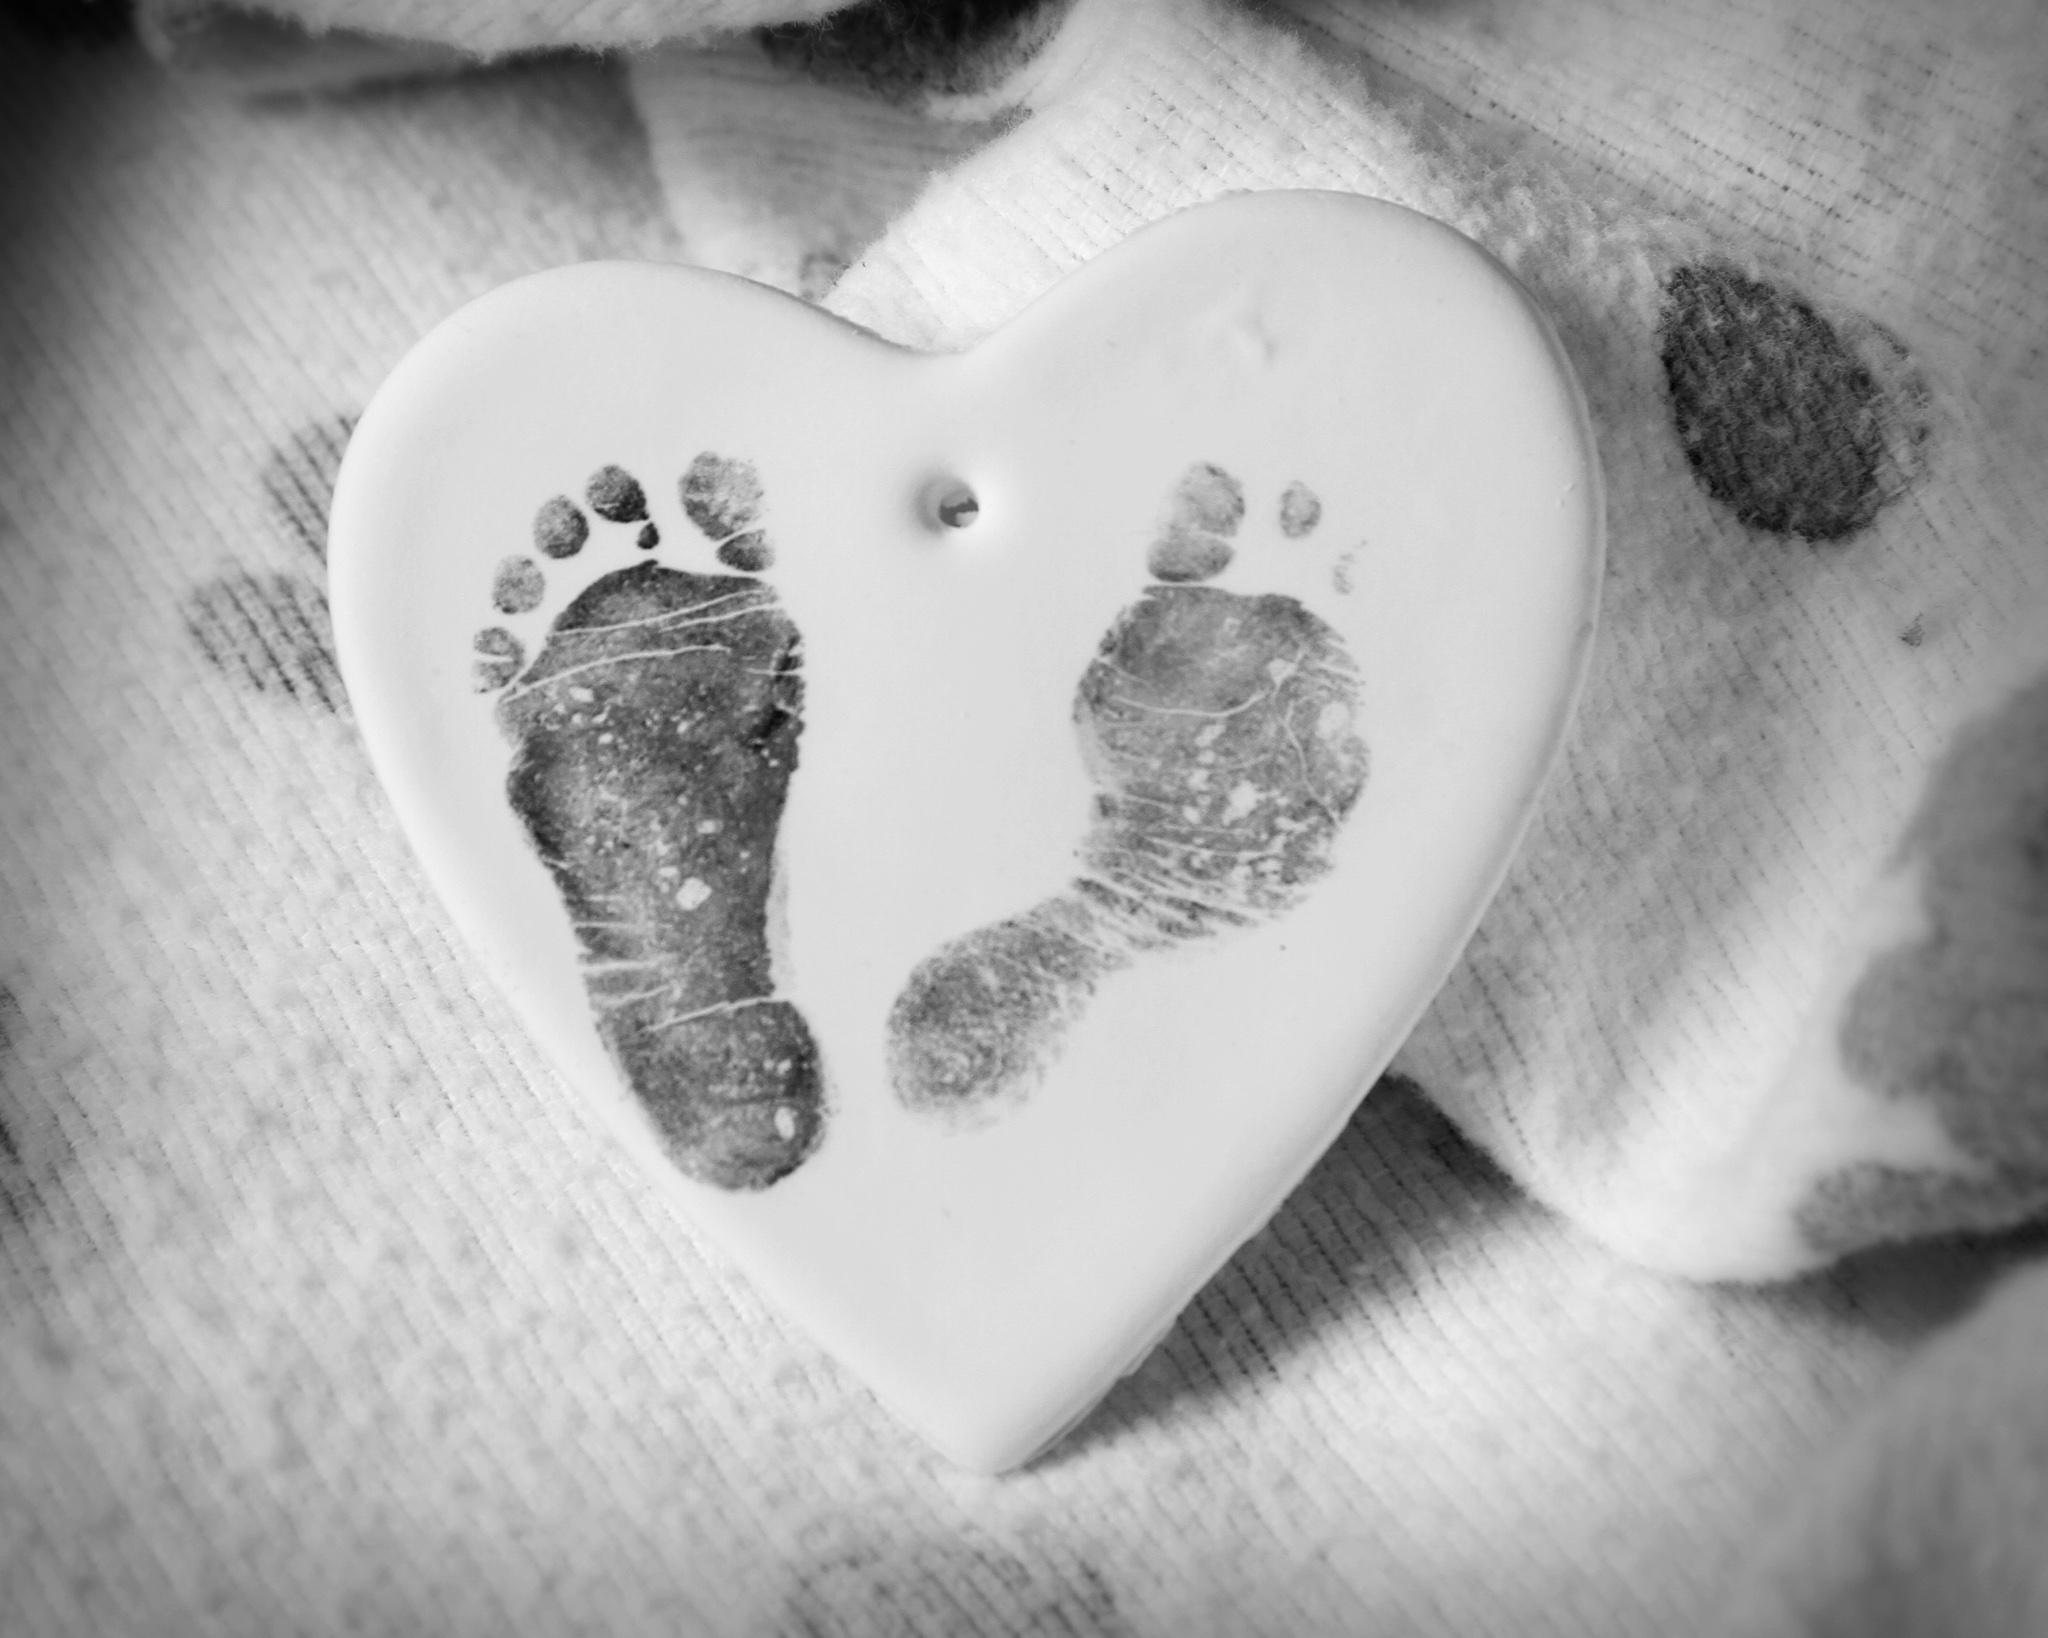 15HoppCM_0022, Baby David, grief, March 11